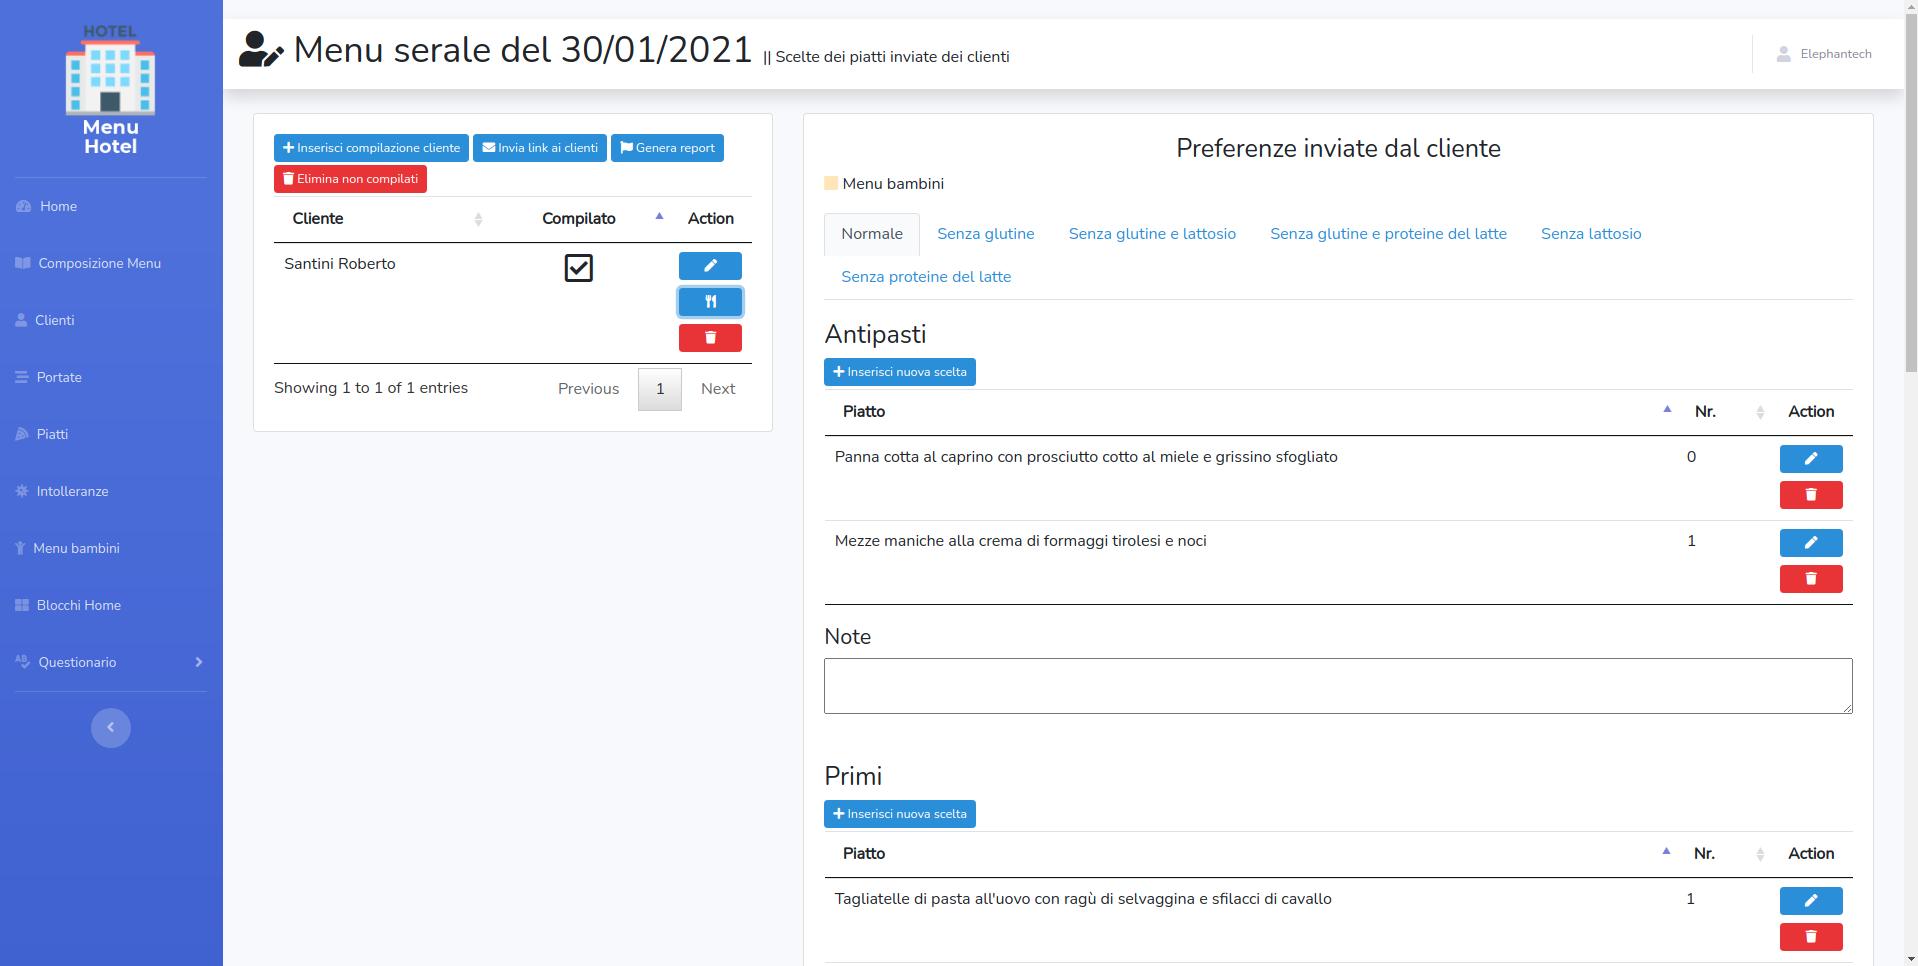 Pagina dove poter consultare le preferenze inviate dal cliente ed esportare un report in Excel